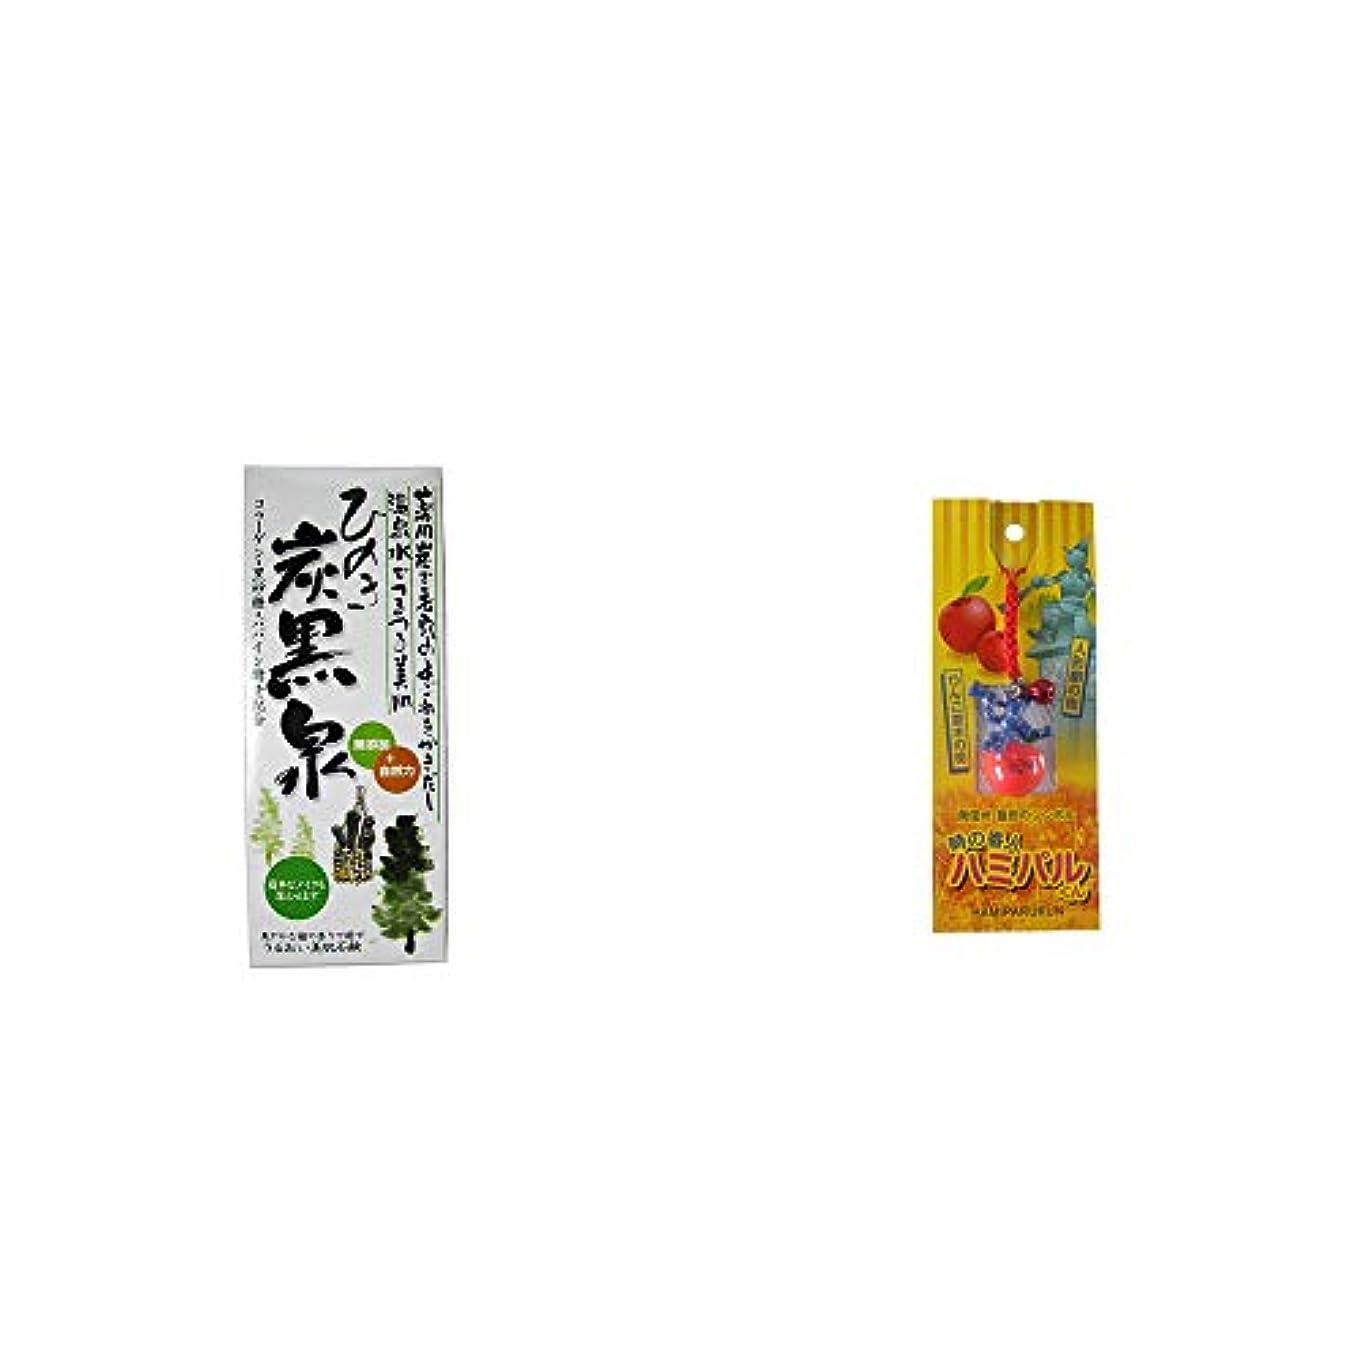 クラブとティーム腹[2点セット] ひのき炭黒泉 箱入り(75g×3)?信州?飯田のシンボル 時の番人ハミパルくんストラップ